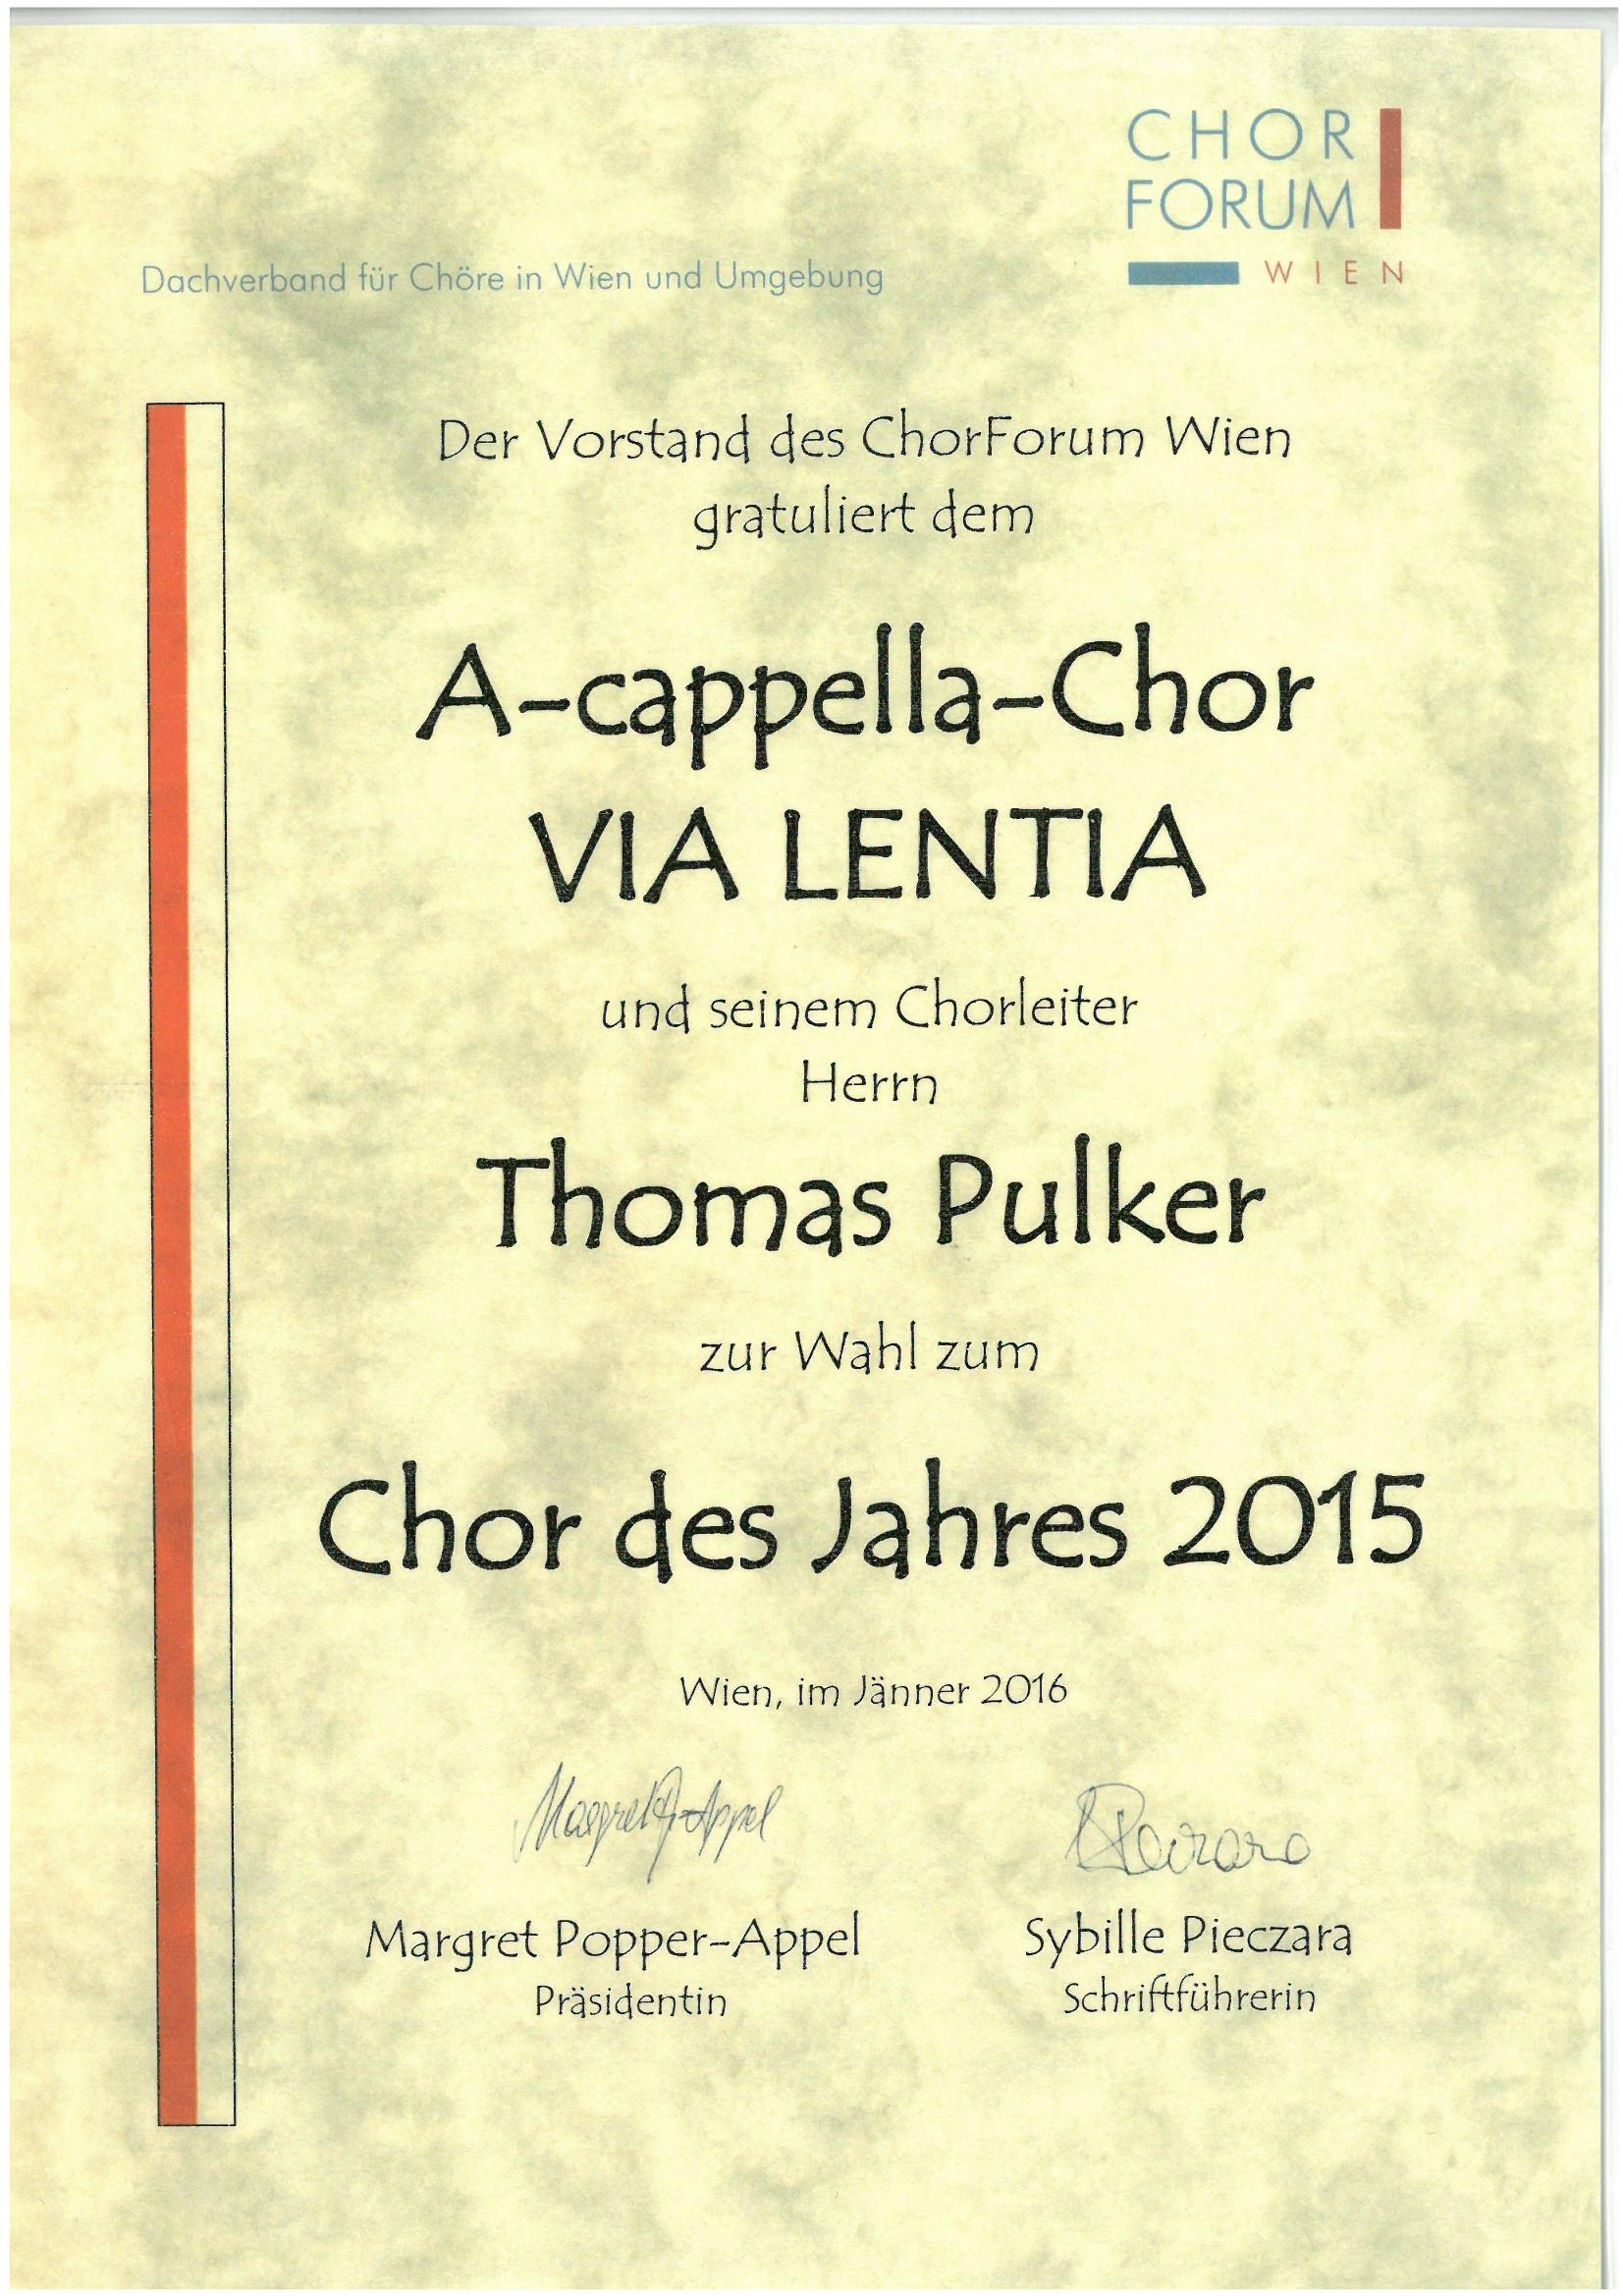 Chor des Jahres 2015_Urkunde